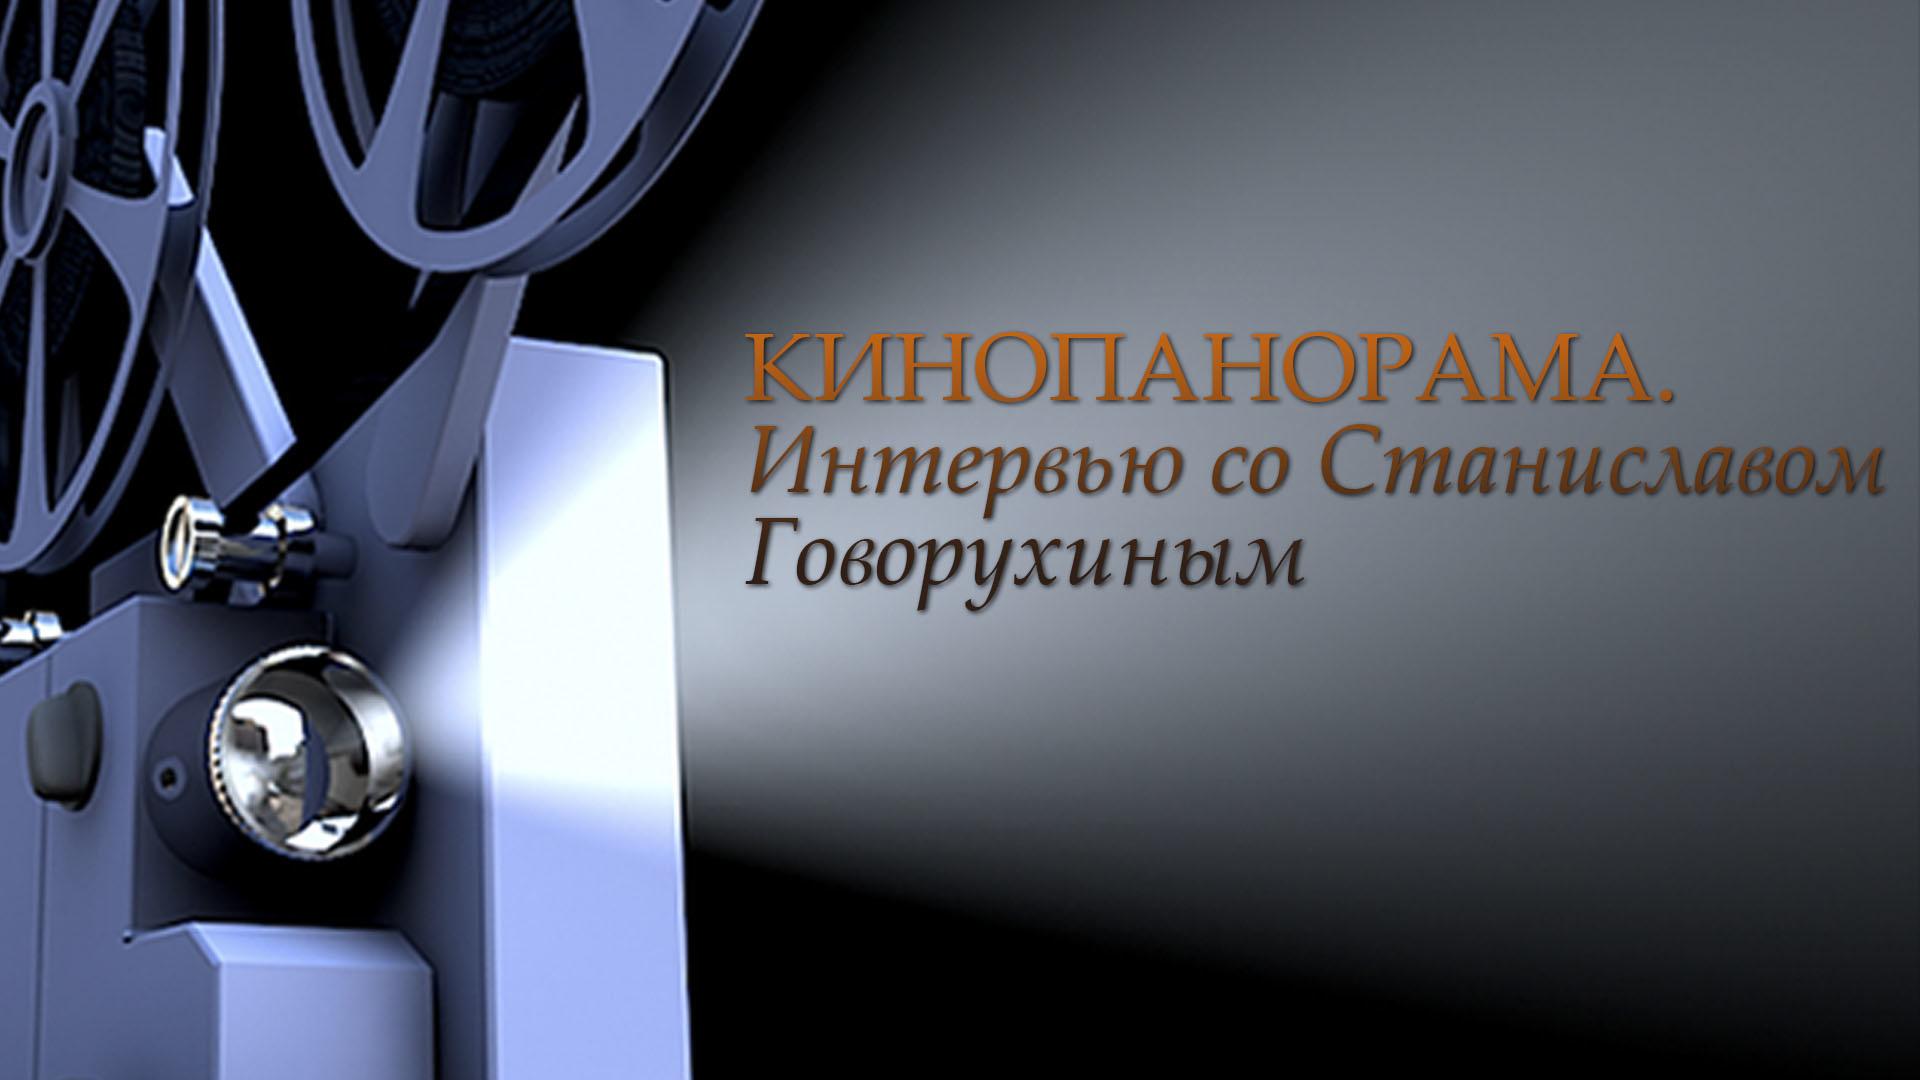 Кинопанорама. Интервью со Станиславом Говорухиным